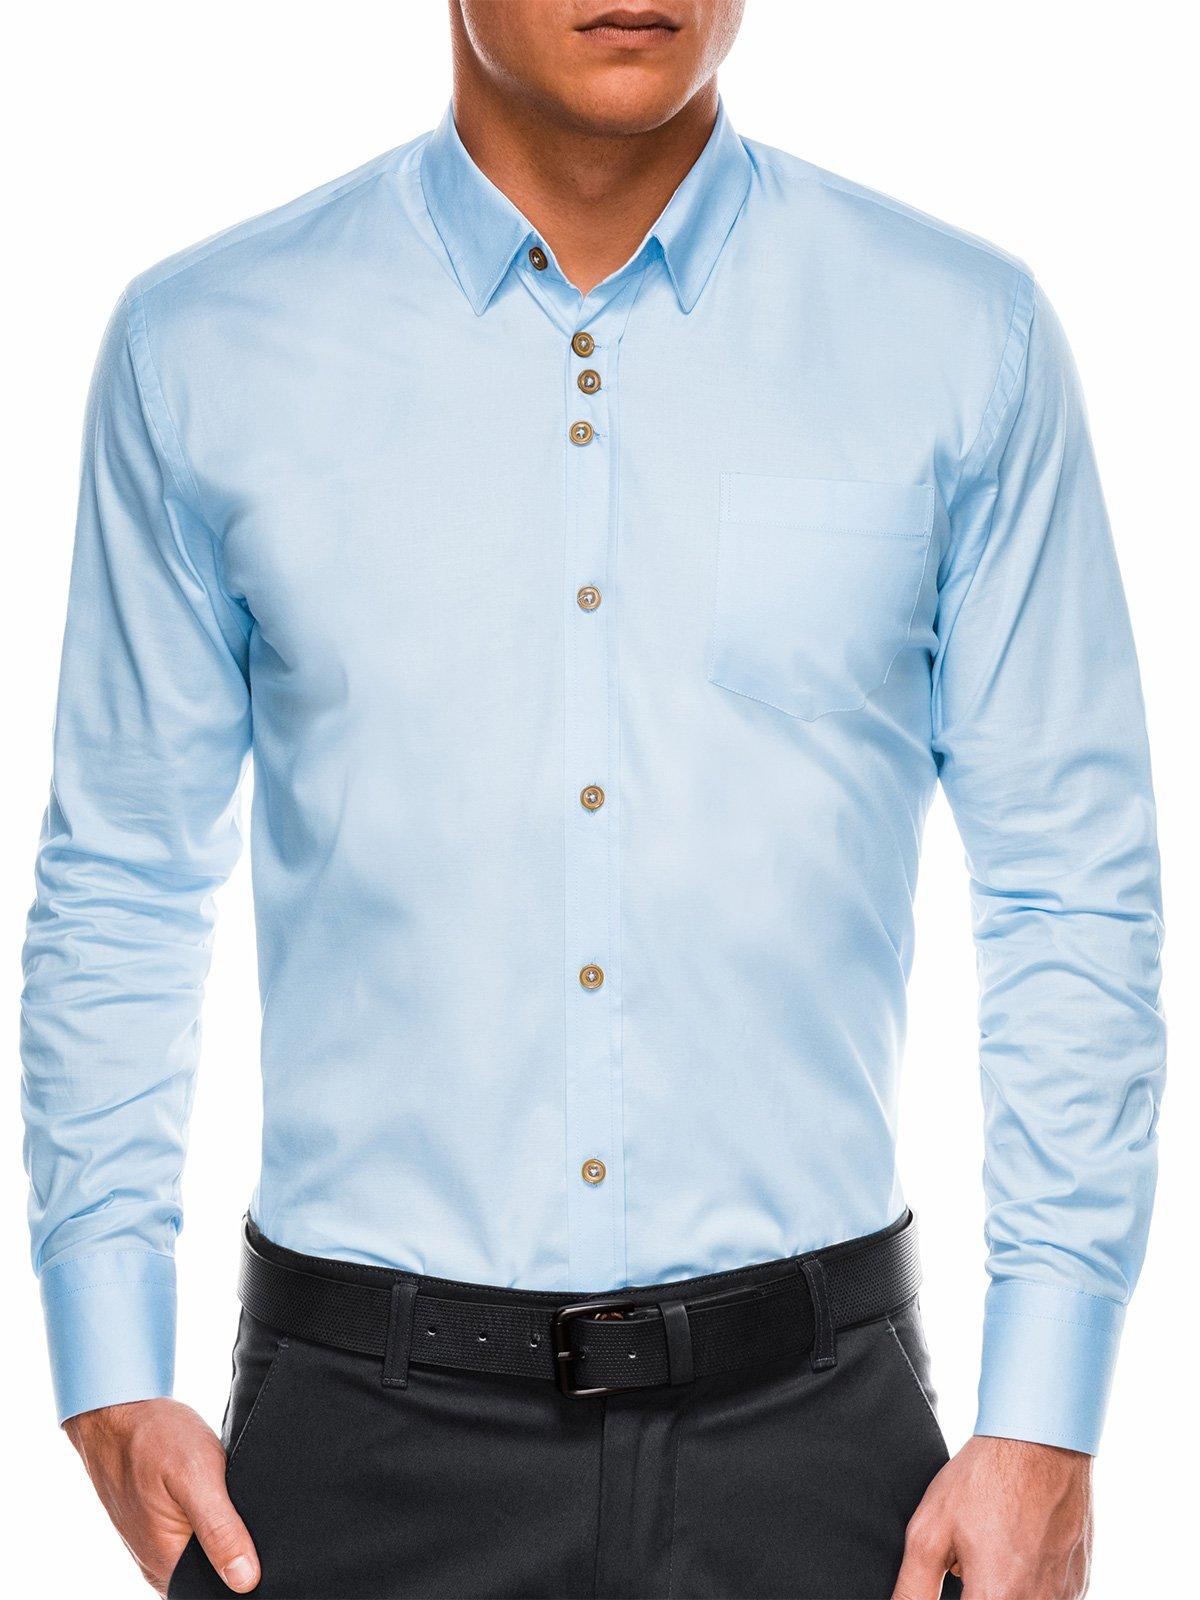 40c54076e5eb Мужская рубашка элегантная с длинным рукавом K302 - голубая голубой ...